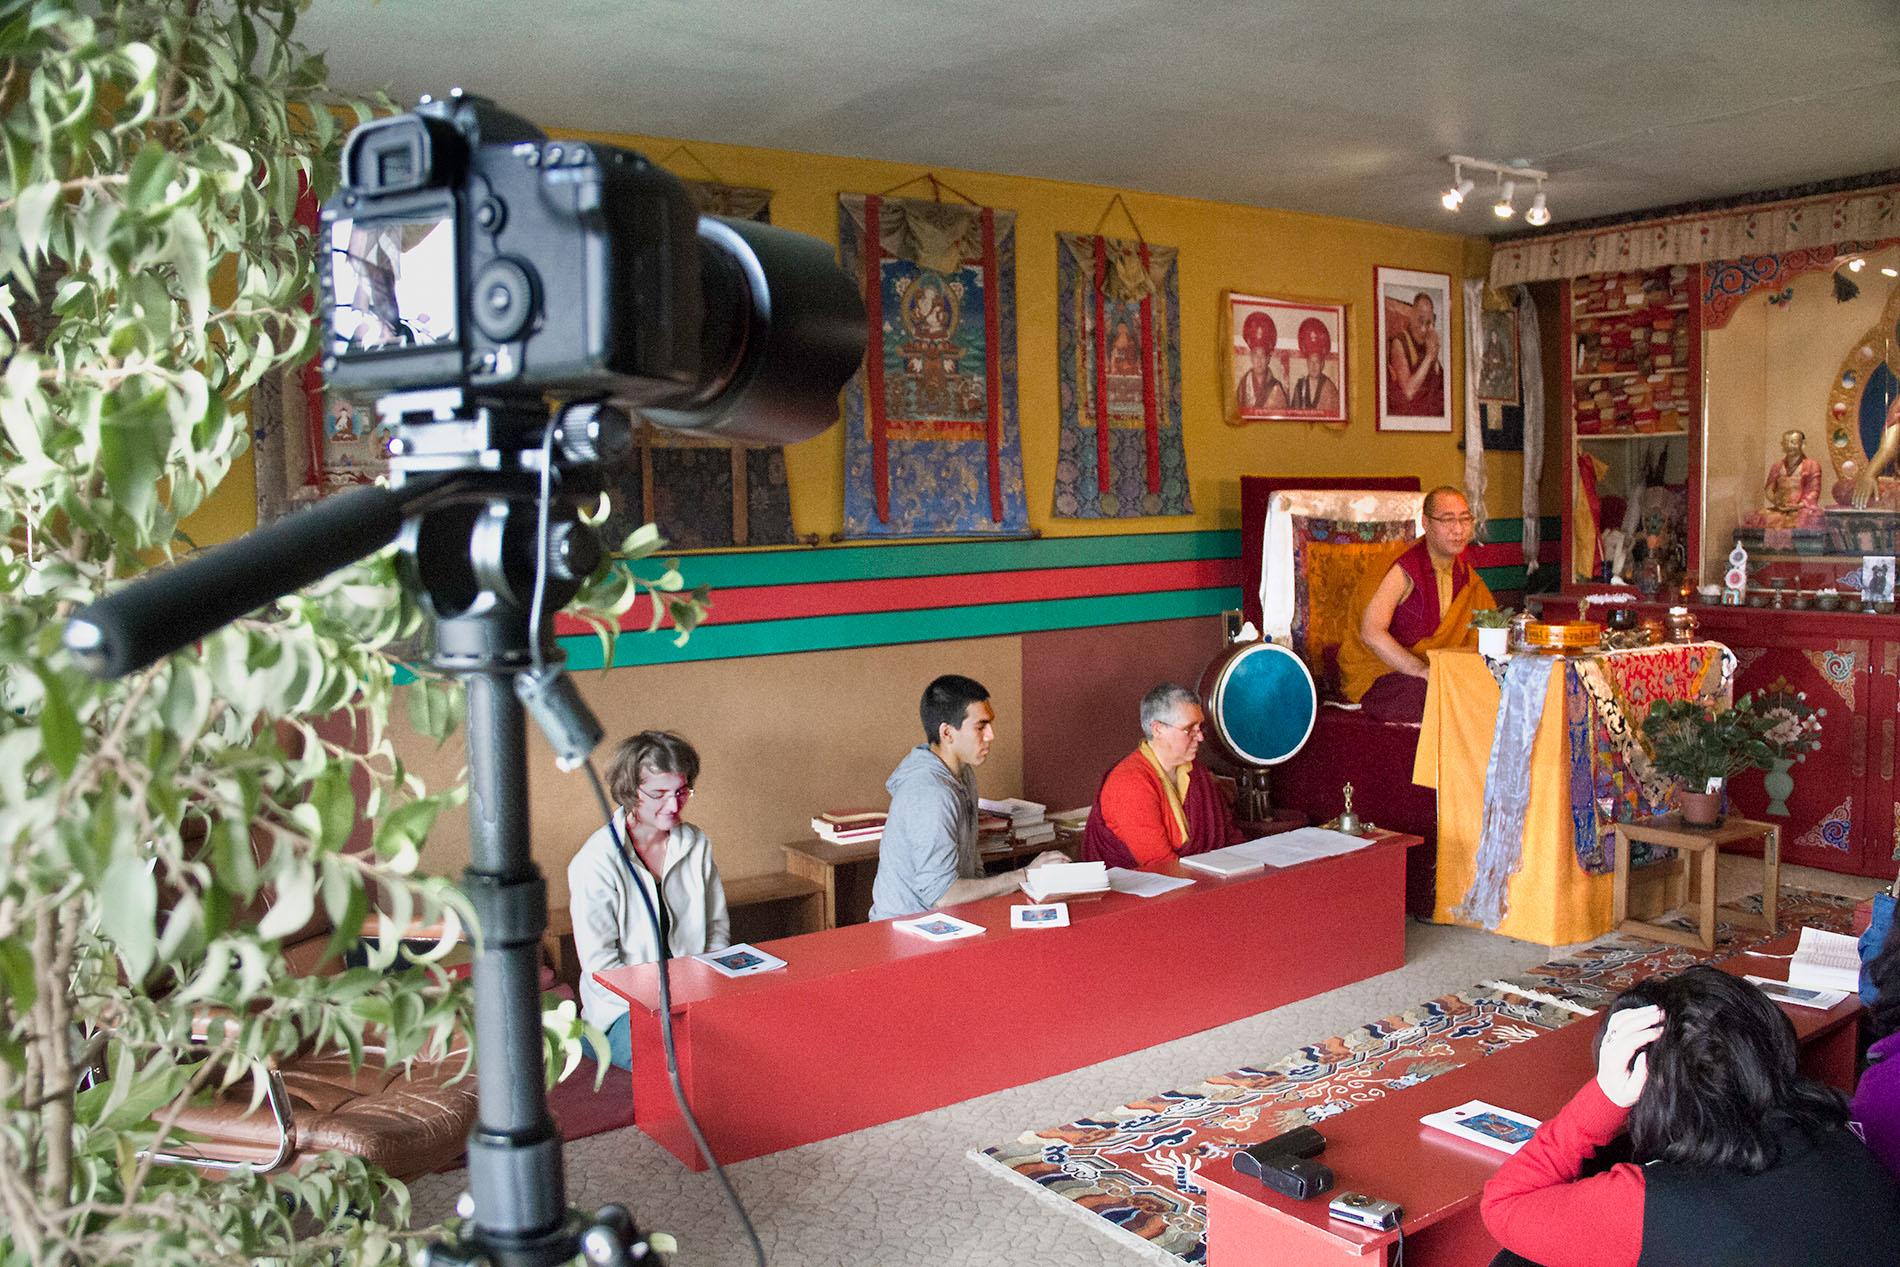 Pujazermonie in einem Buddhistischen Zentrum